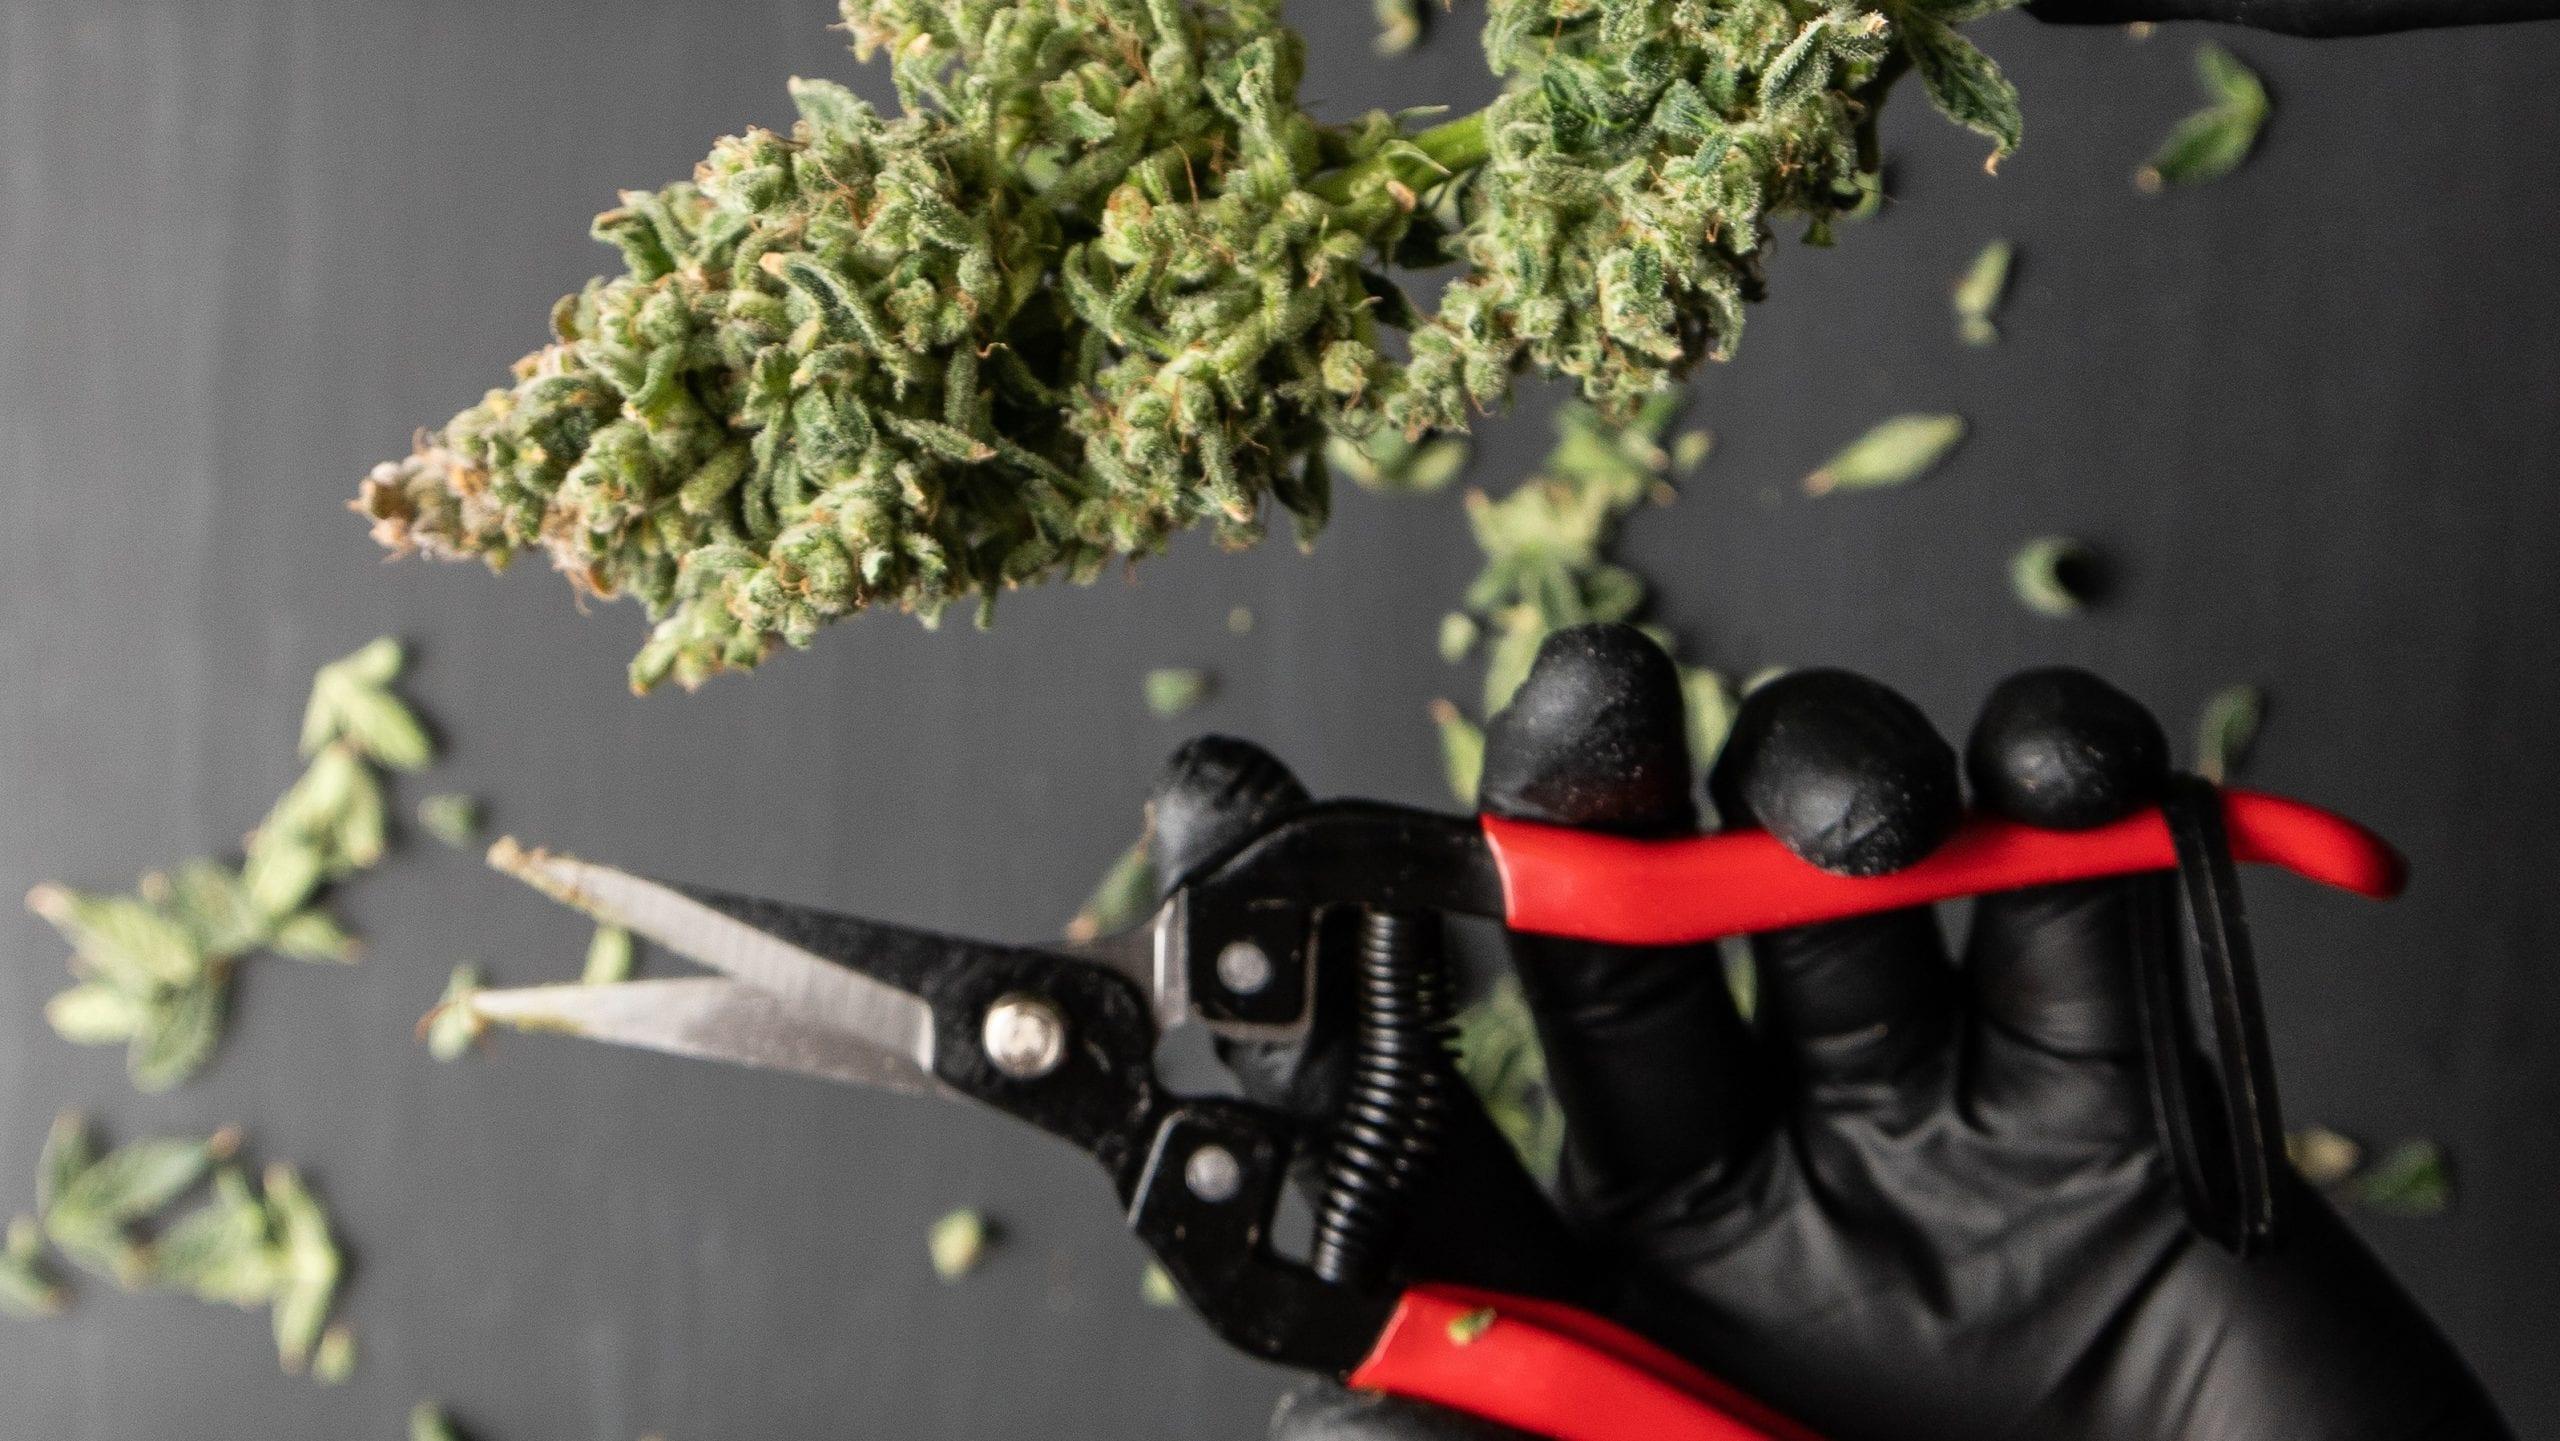 colhendo botões de cannabis